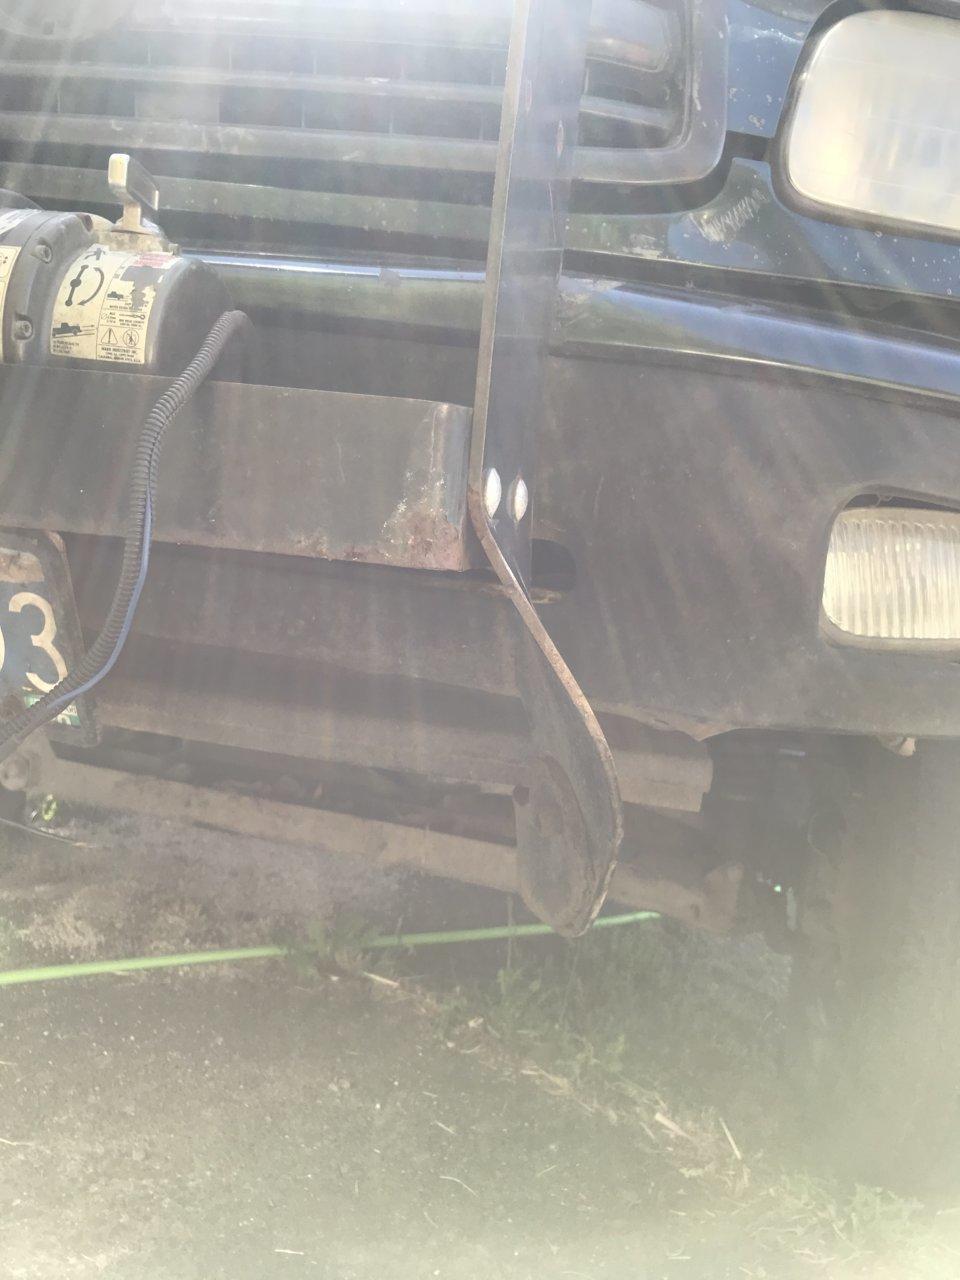 installed-on-truck.jpg